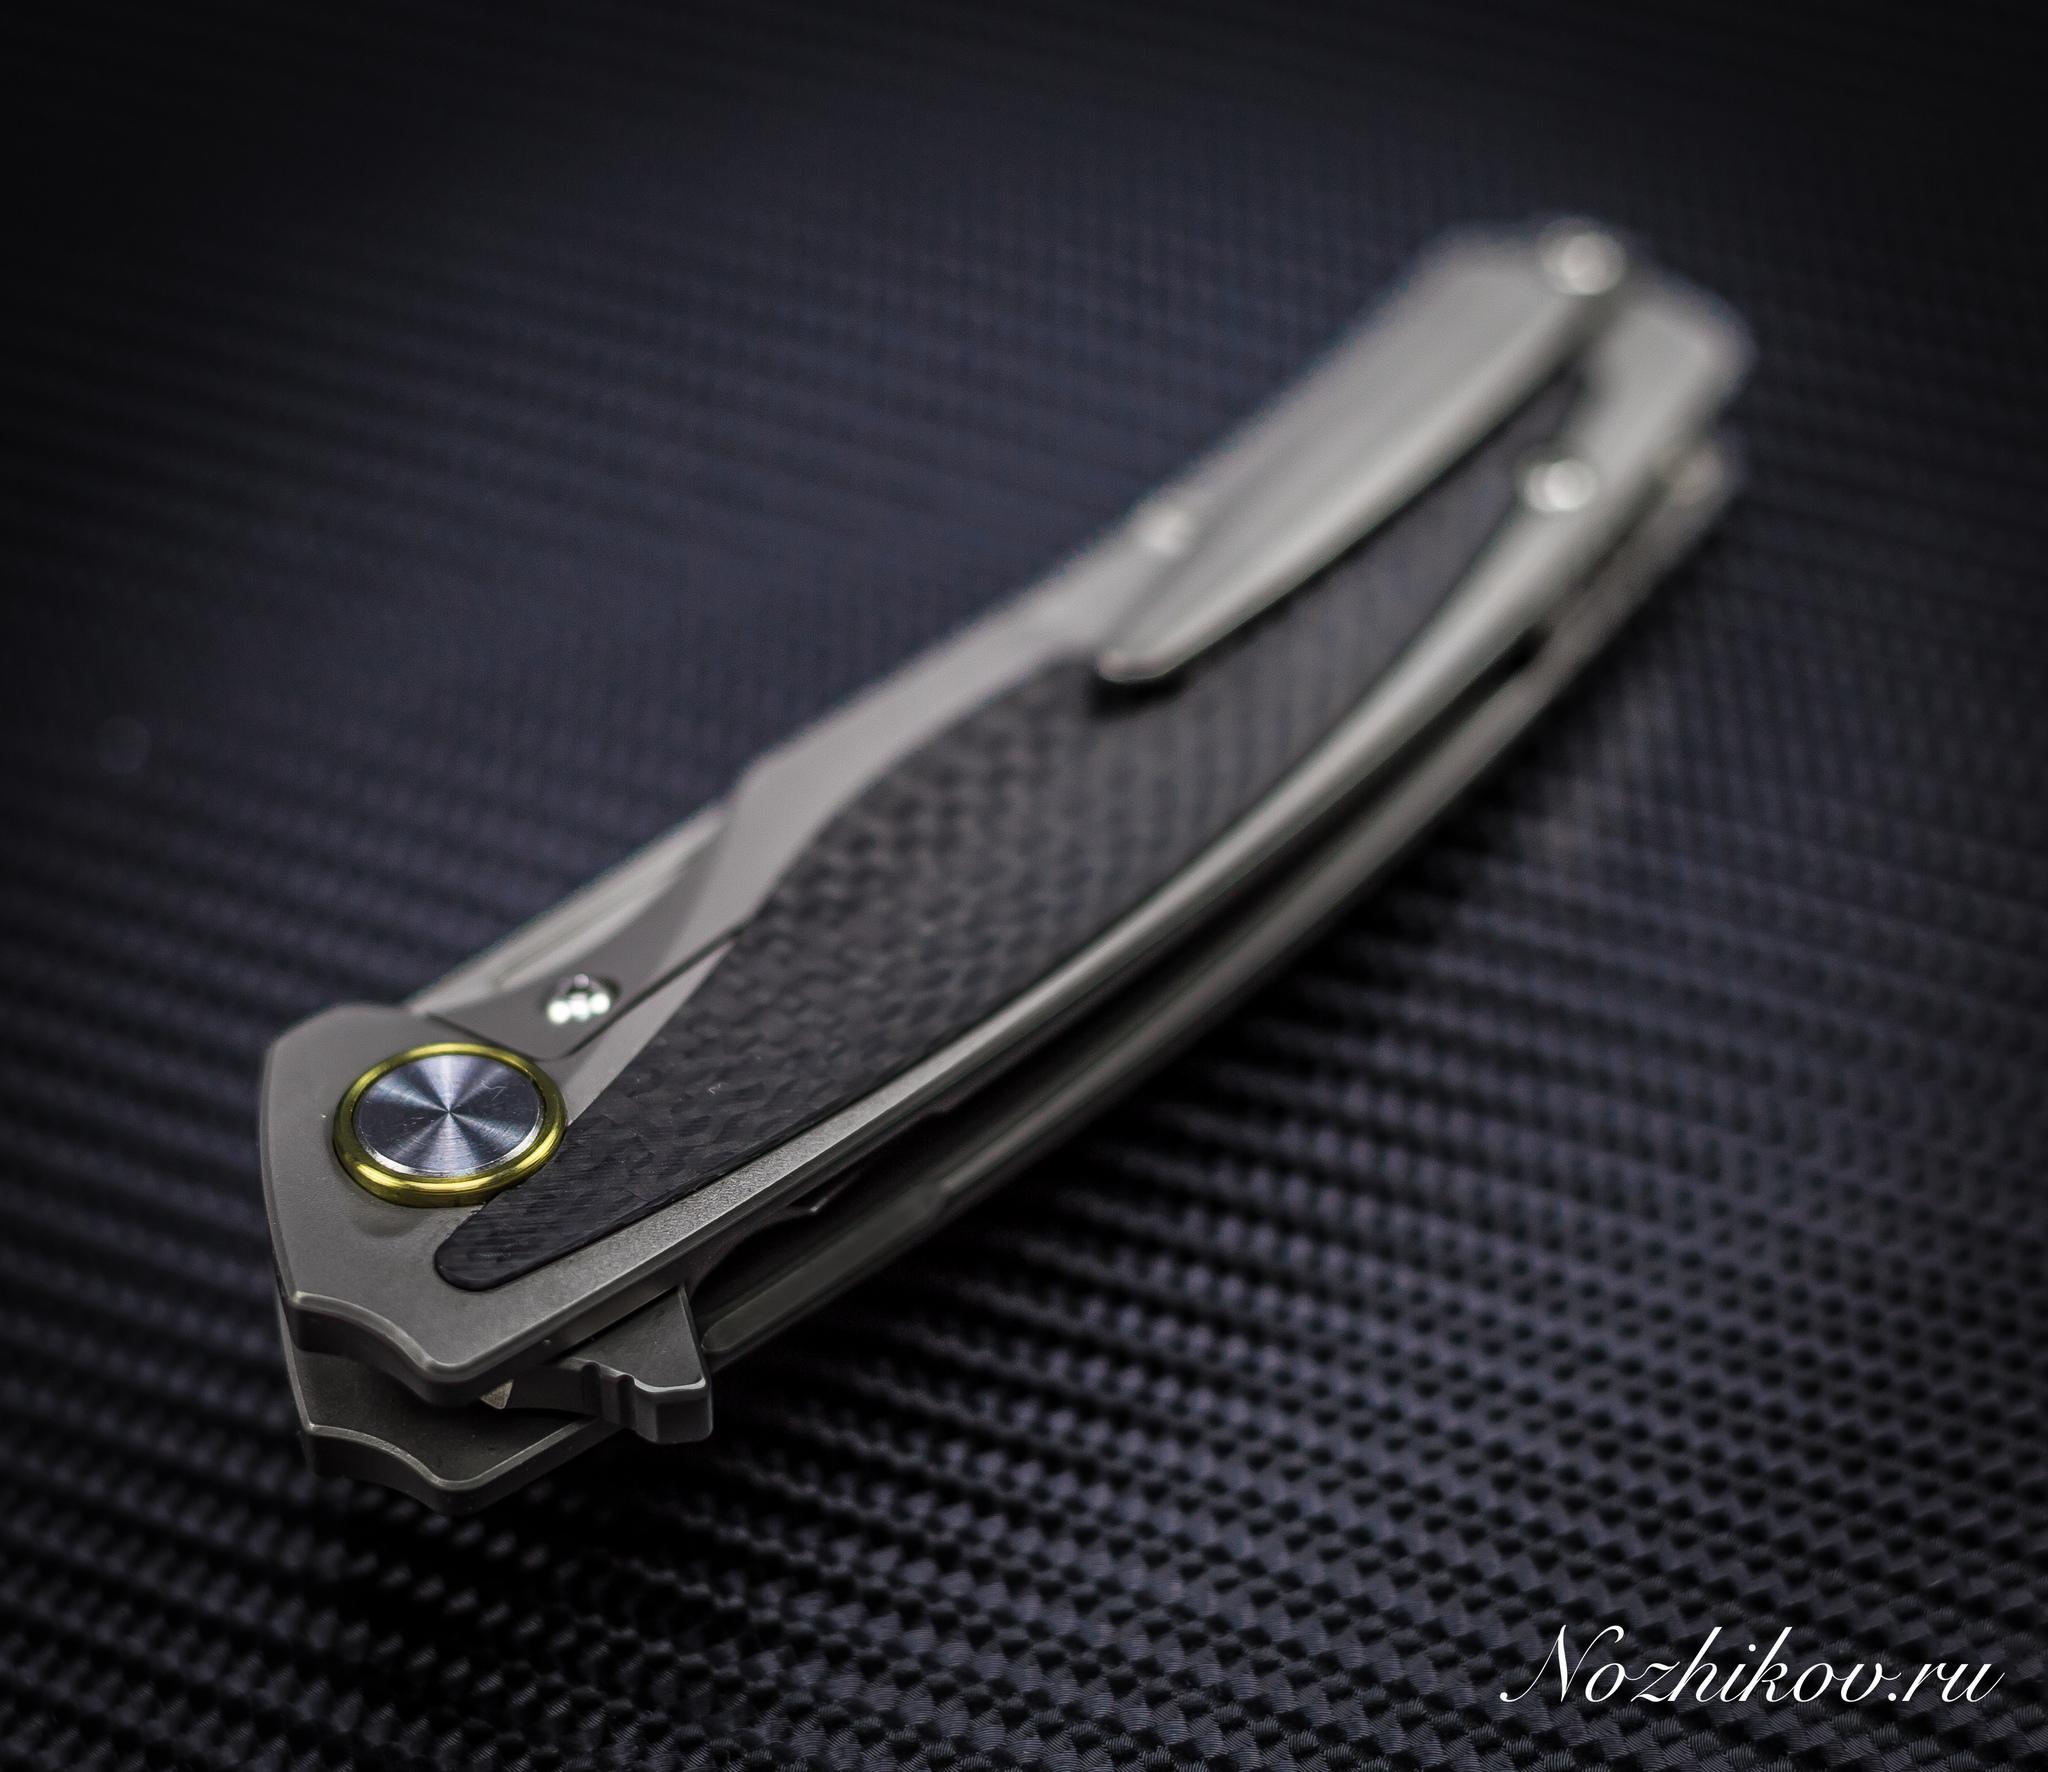 Фото 7 - Складной нож Bestech Predator BT1706B, сталь CPM-S35VN, рукоять титан от Bestech Knives